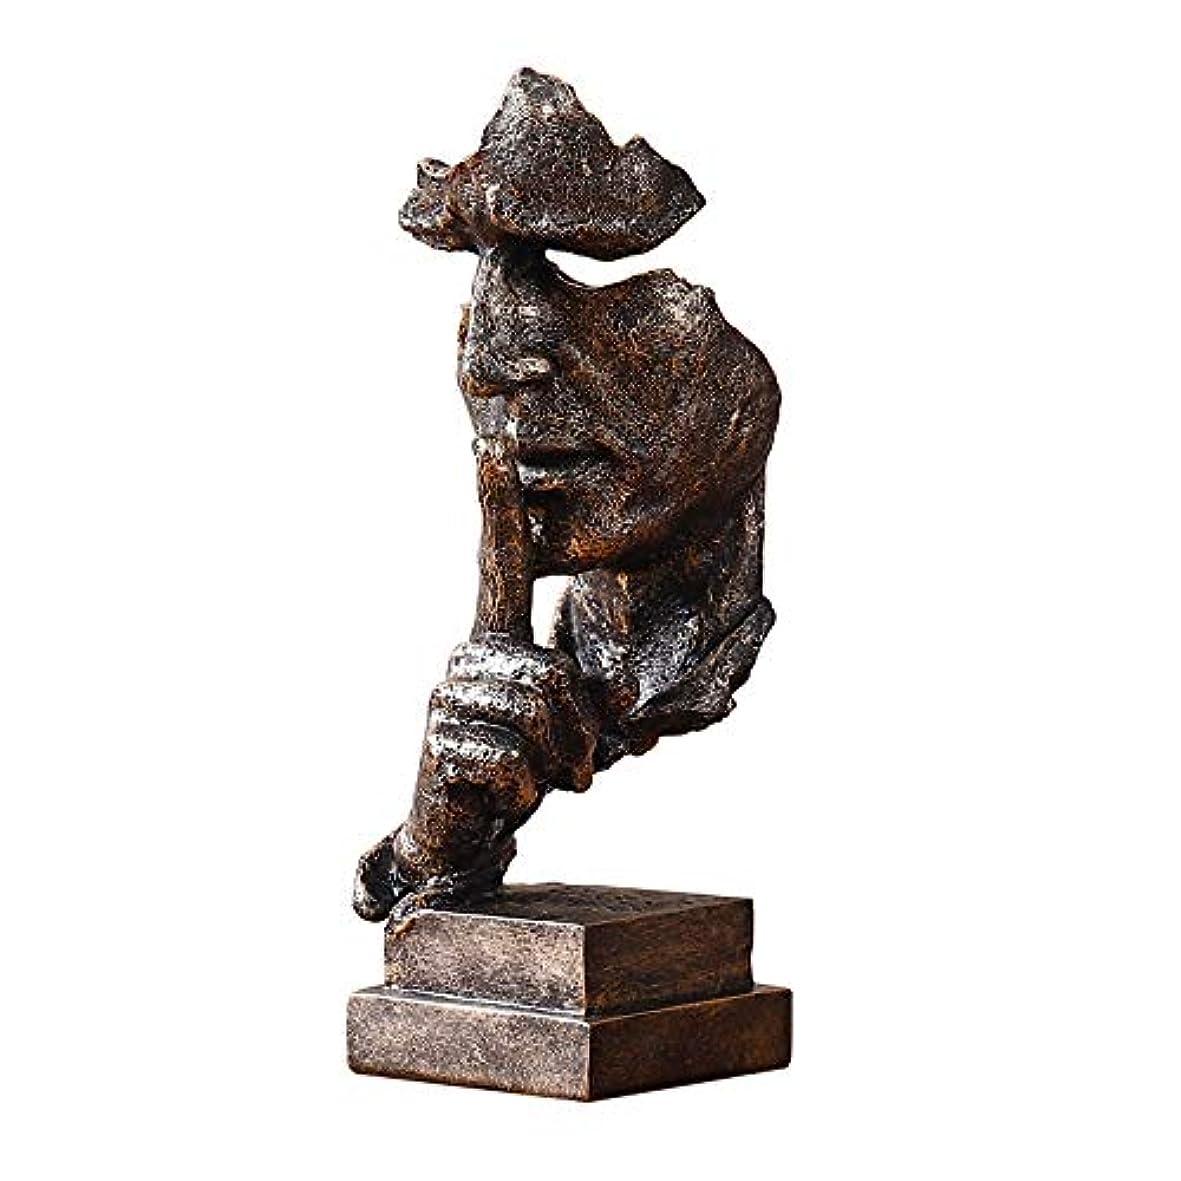 可塑性。発火する樹脂抽象彫刻沈黙はゴールデン男性像キャラクター工芸品装飾用オフィスリビングルームアートワーク,Bronze